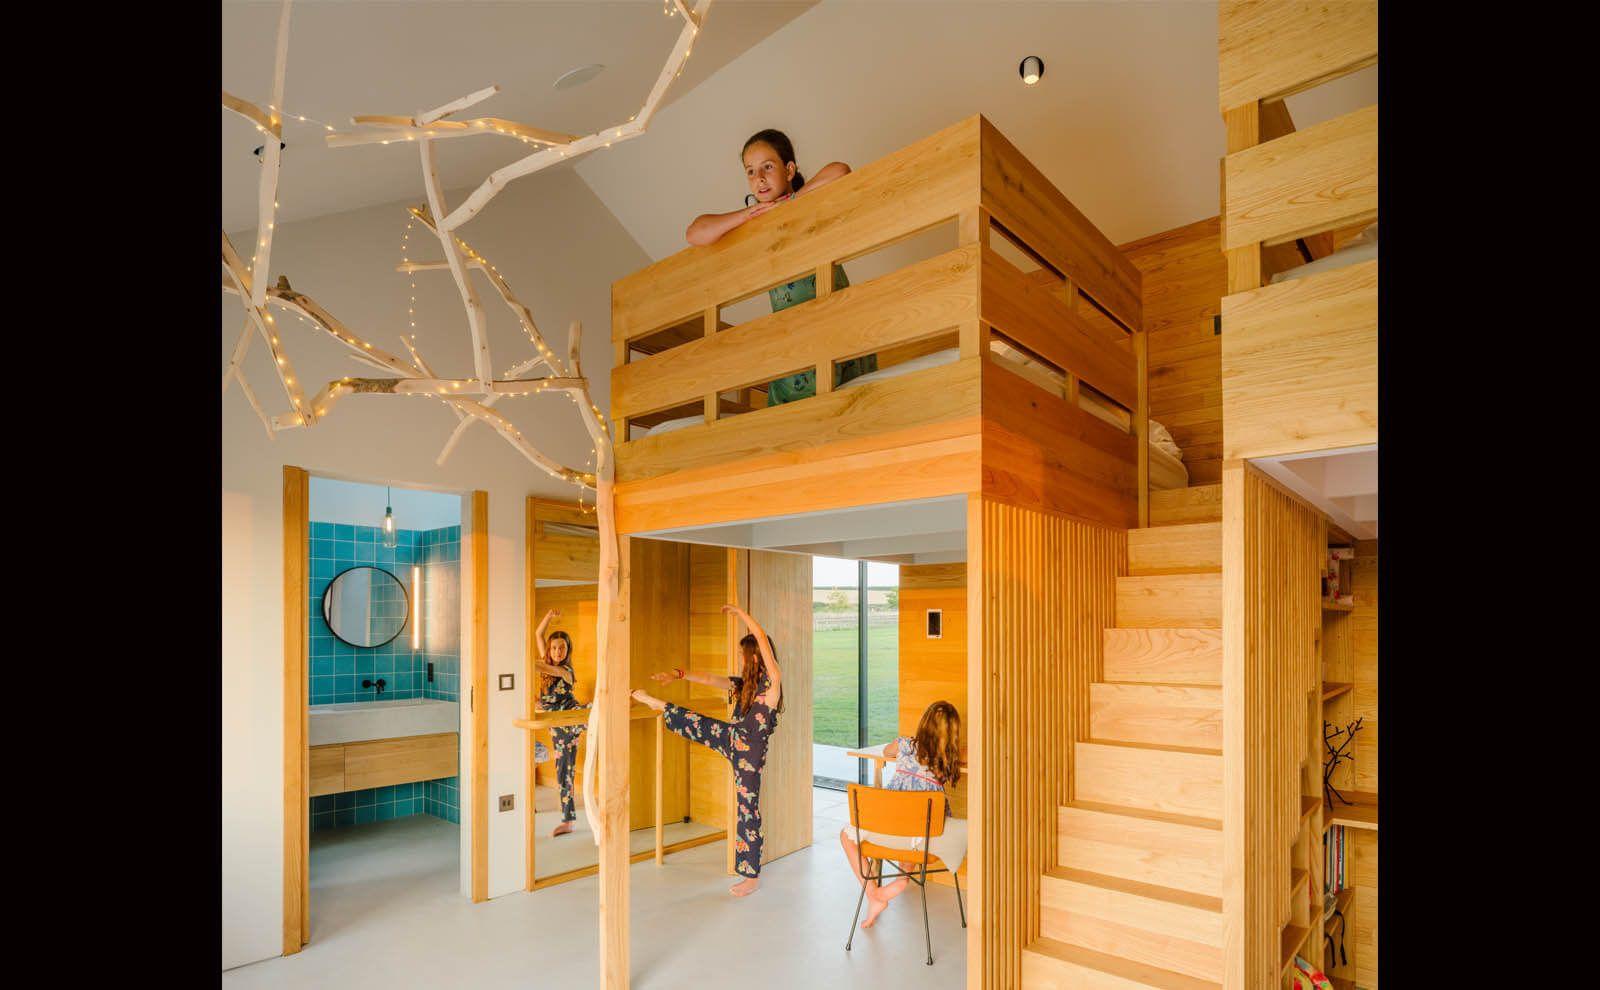 FriendsHouse_Hampshire Kinderzimmer